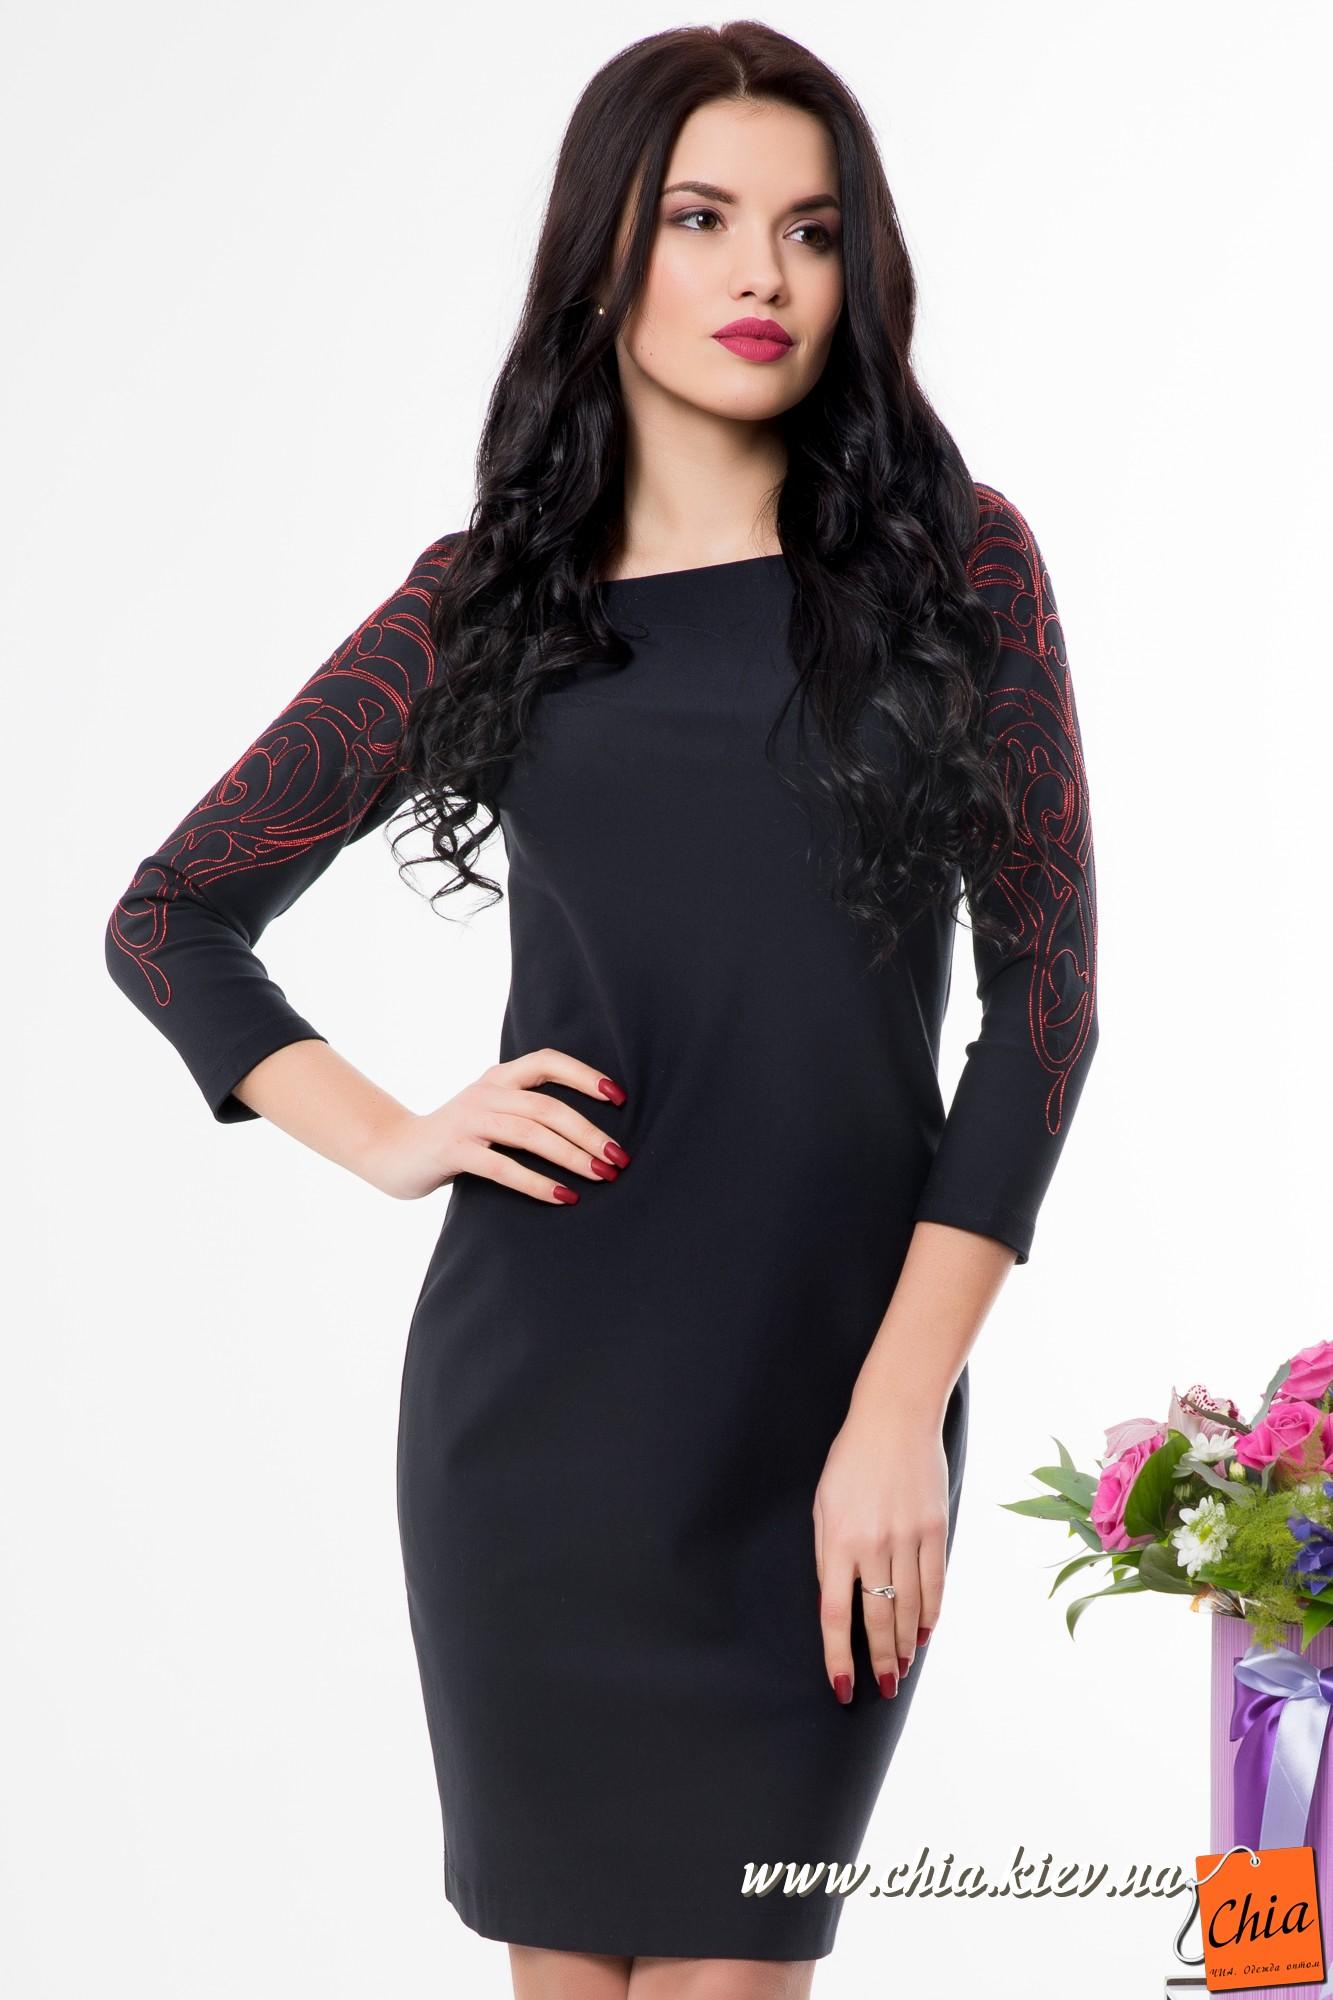 Женские платья оптом seam в харькове